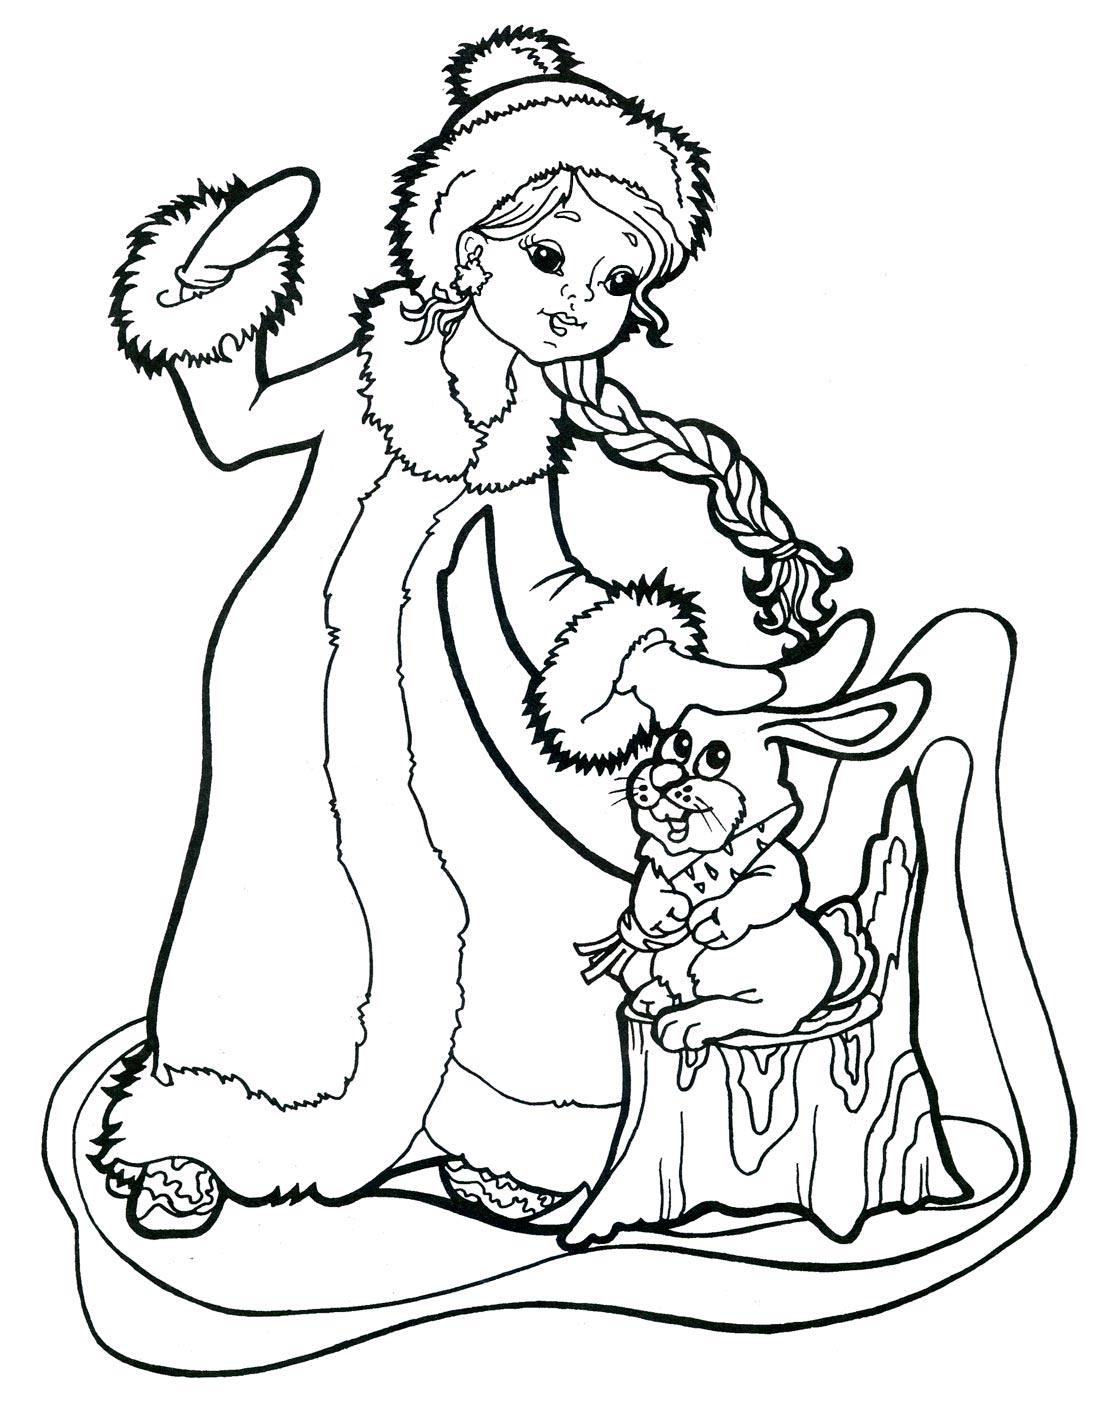 Снегурочка гладит зайчика Раскраска зима распечатать